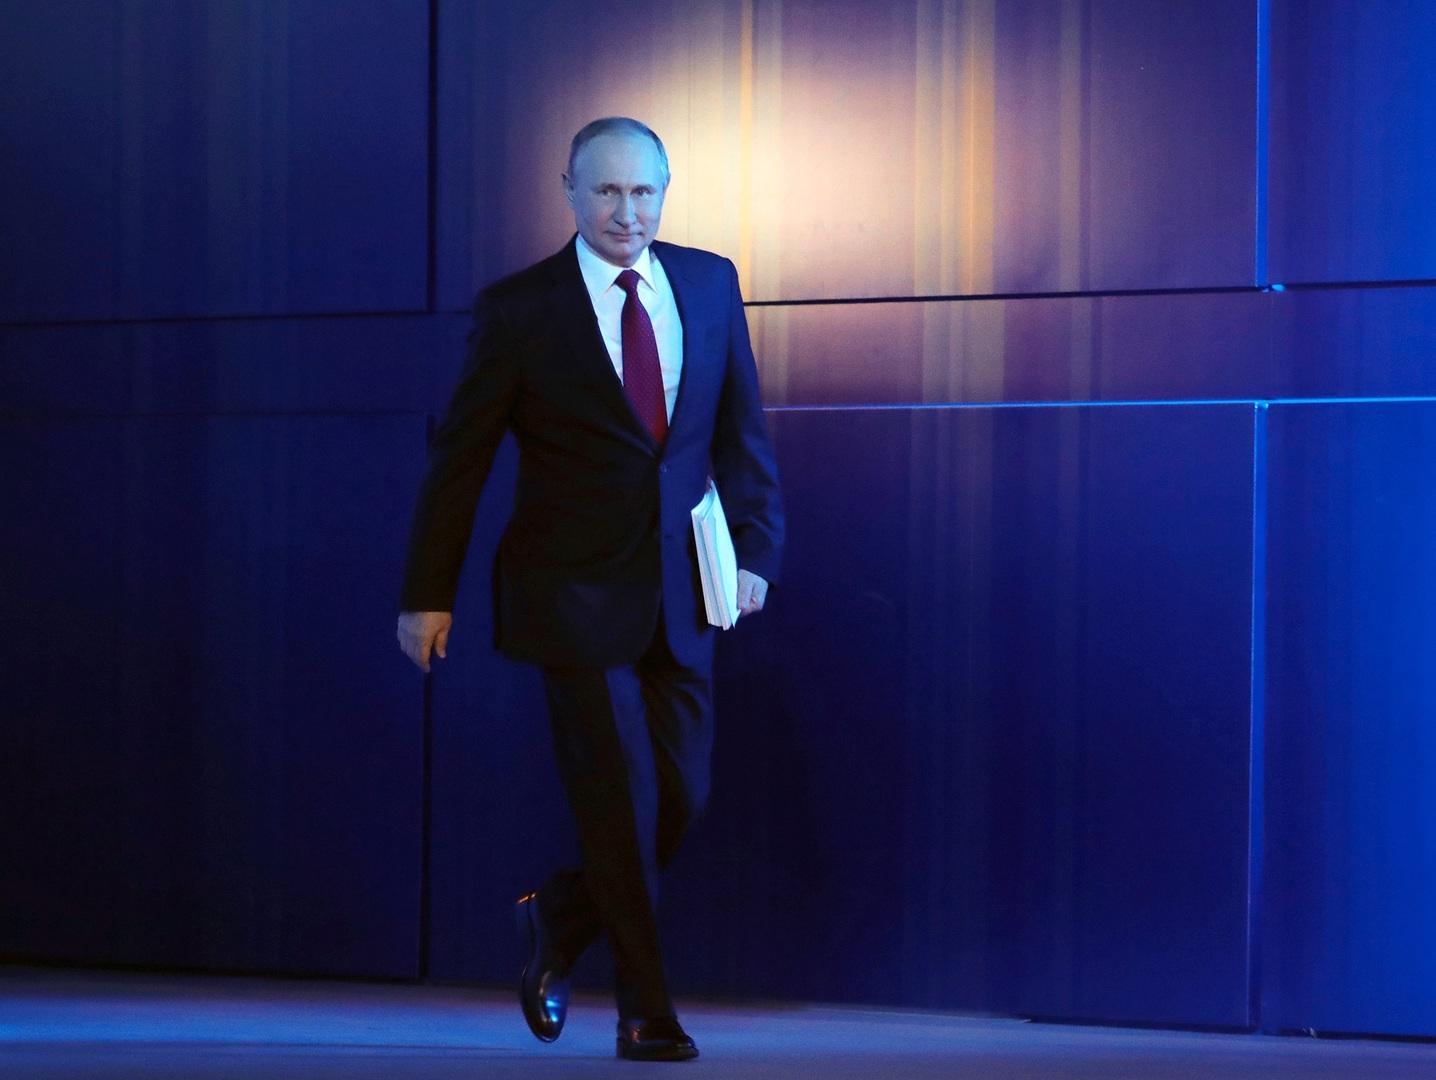 بوتين يعلن عن هدف يتمثل في جعل الاقتصاد الروسي بصدارة اقتصادات العالم